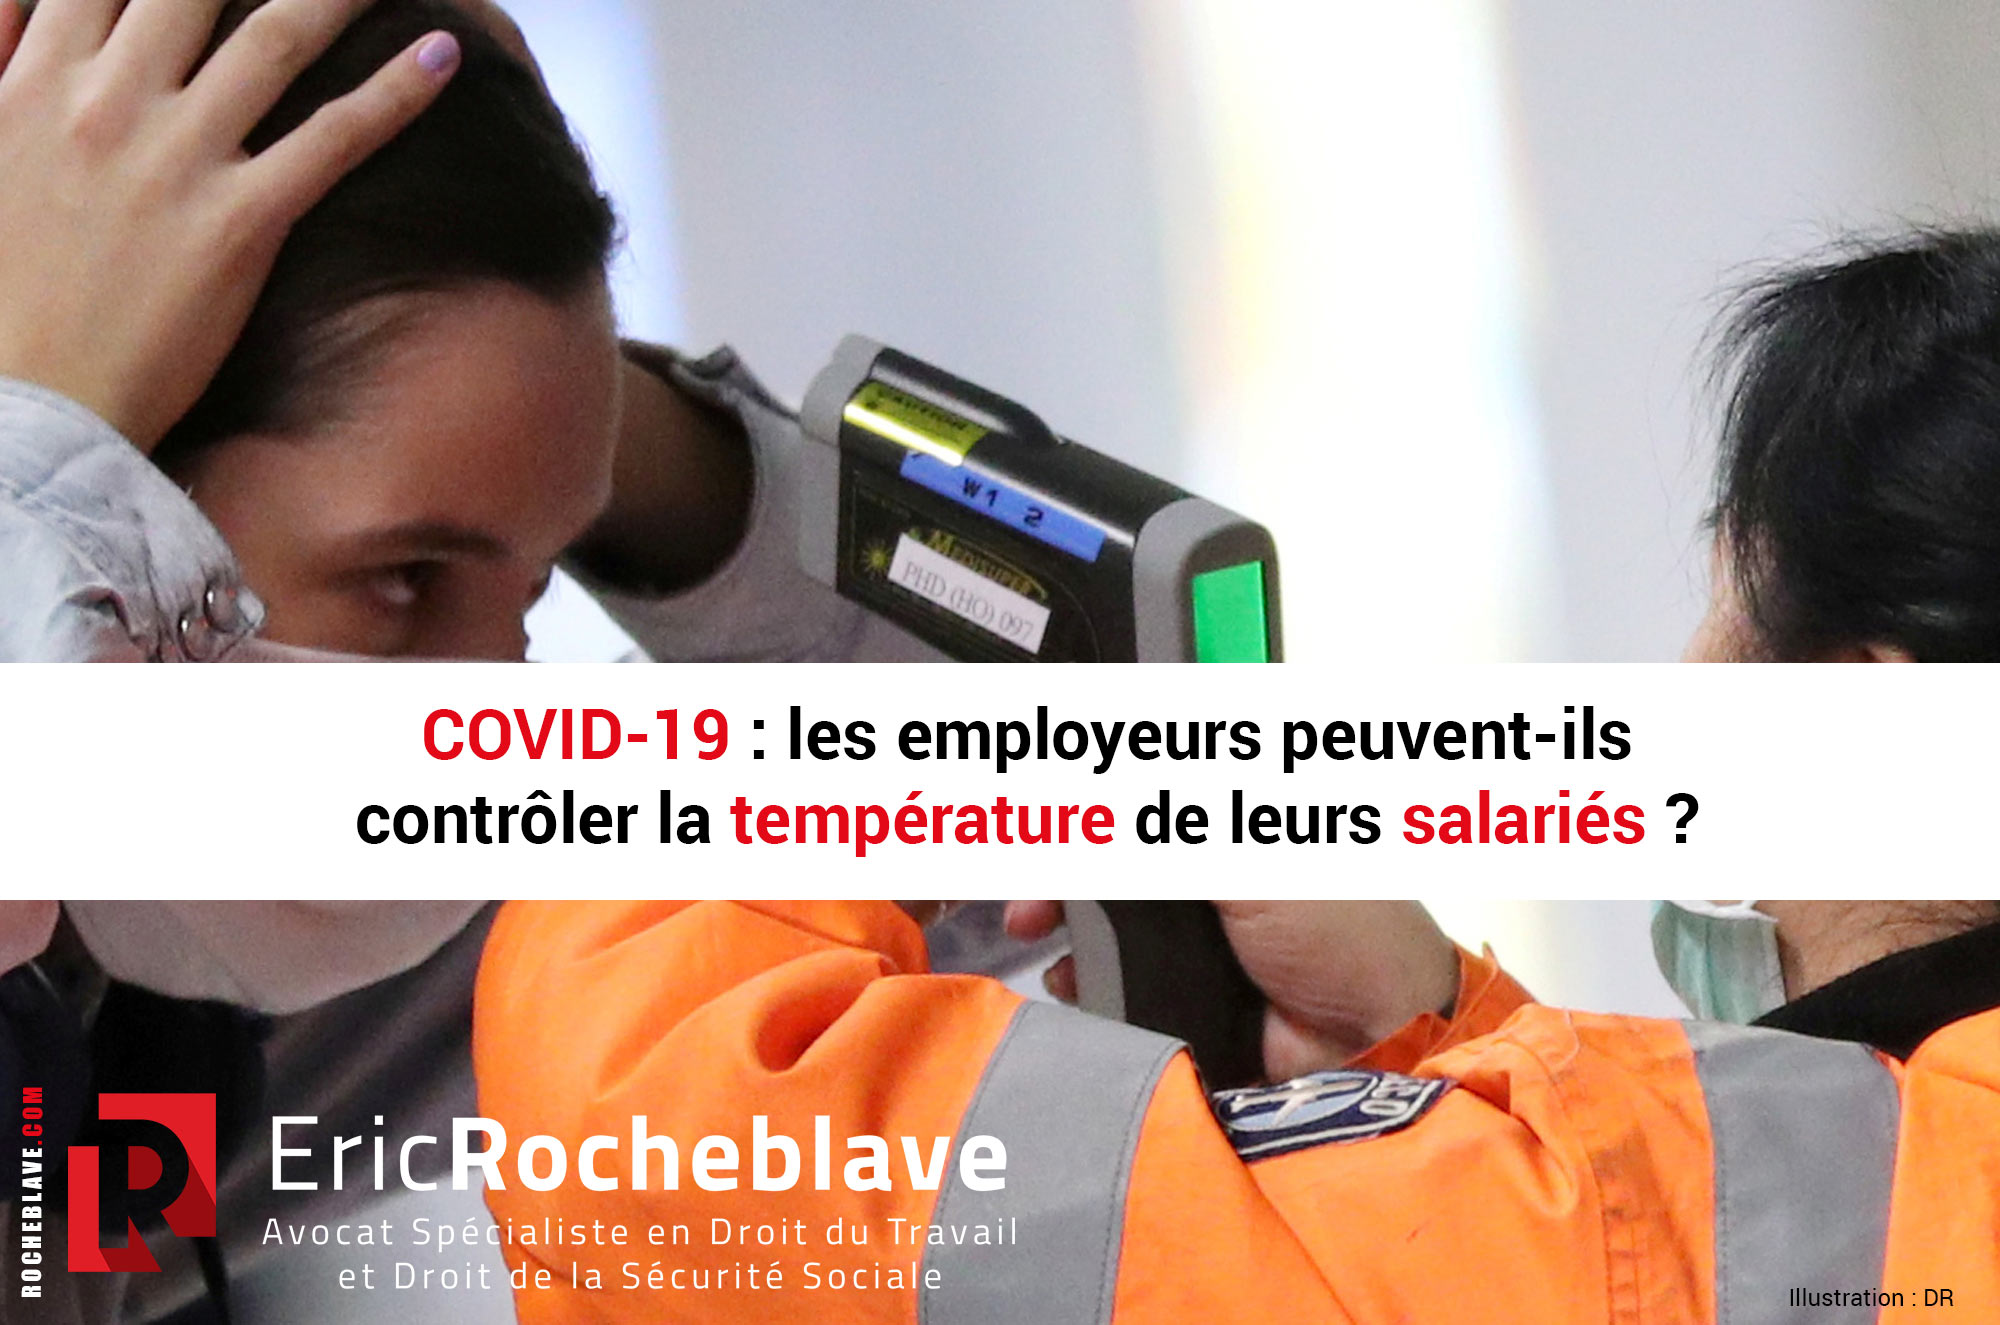 COVID-19 : les employeurs peuvent-ils contrôler la température de leurs salariés ?